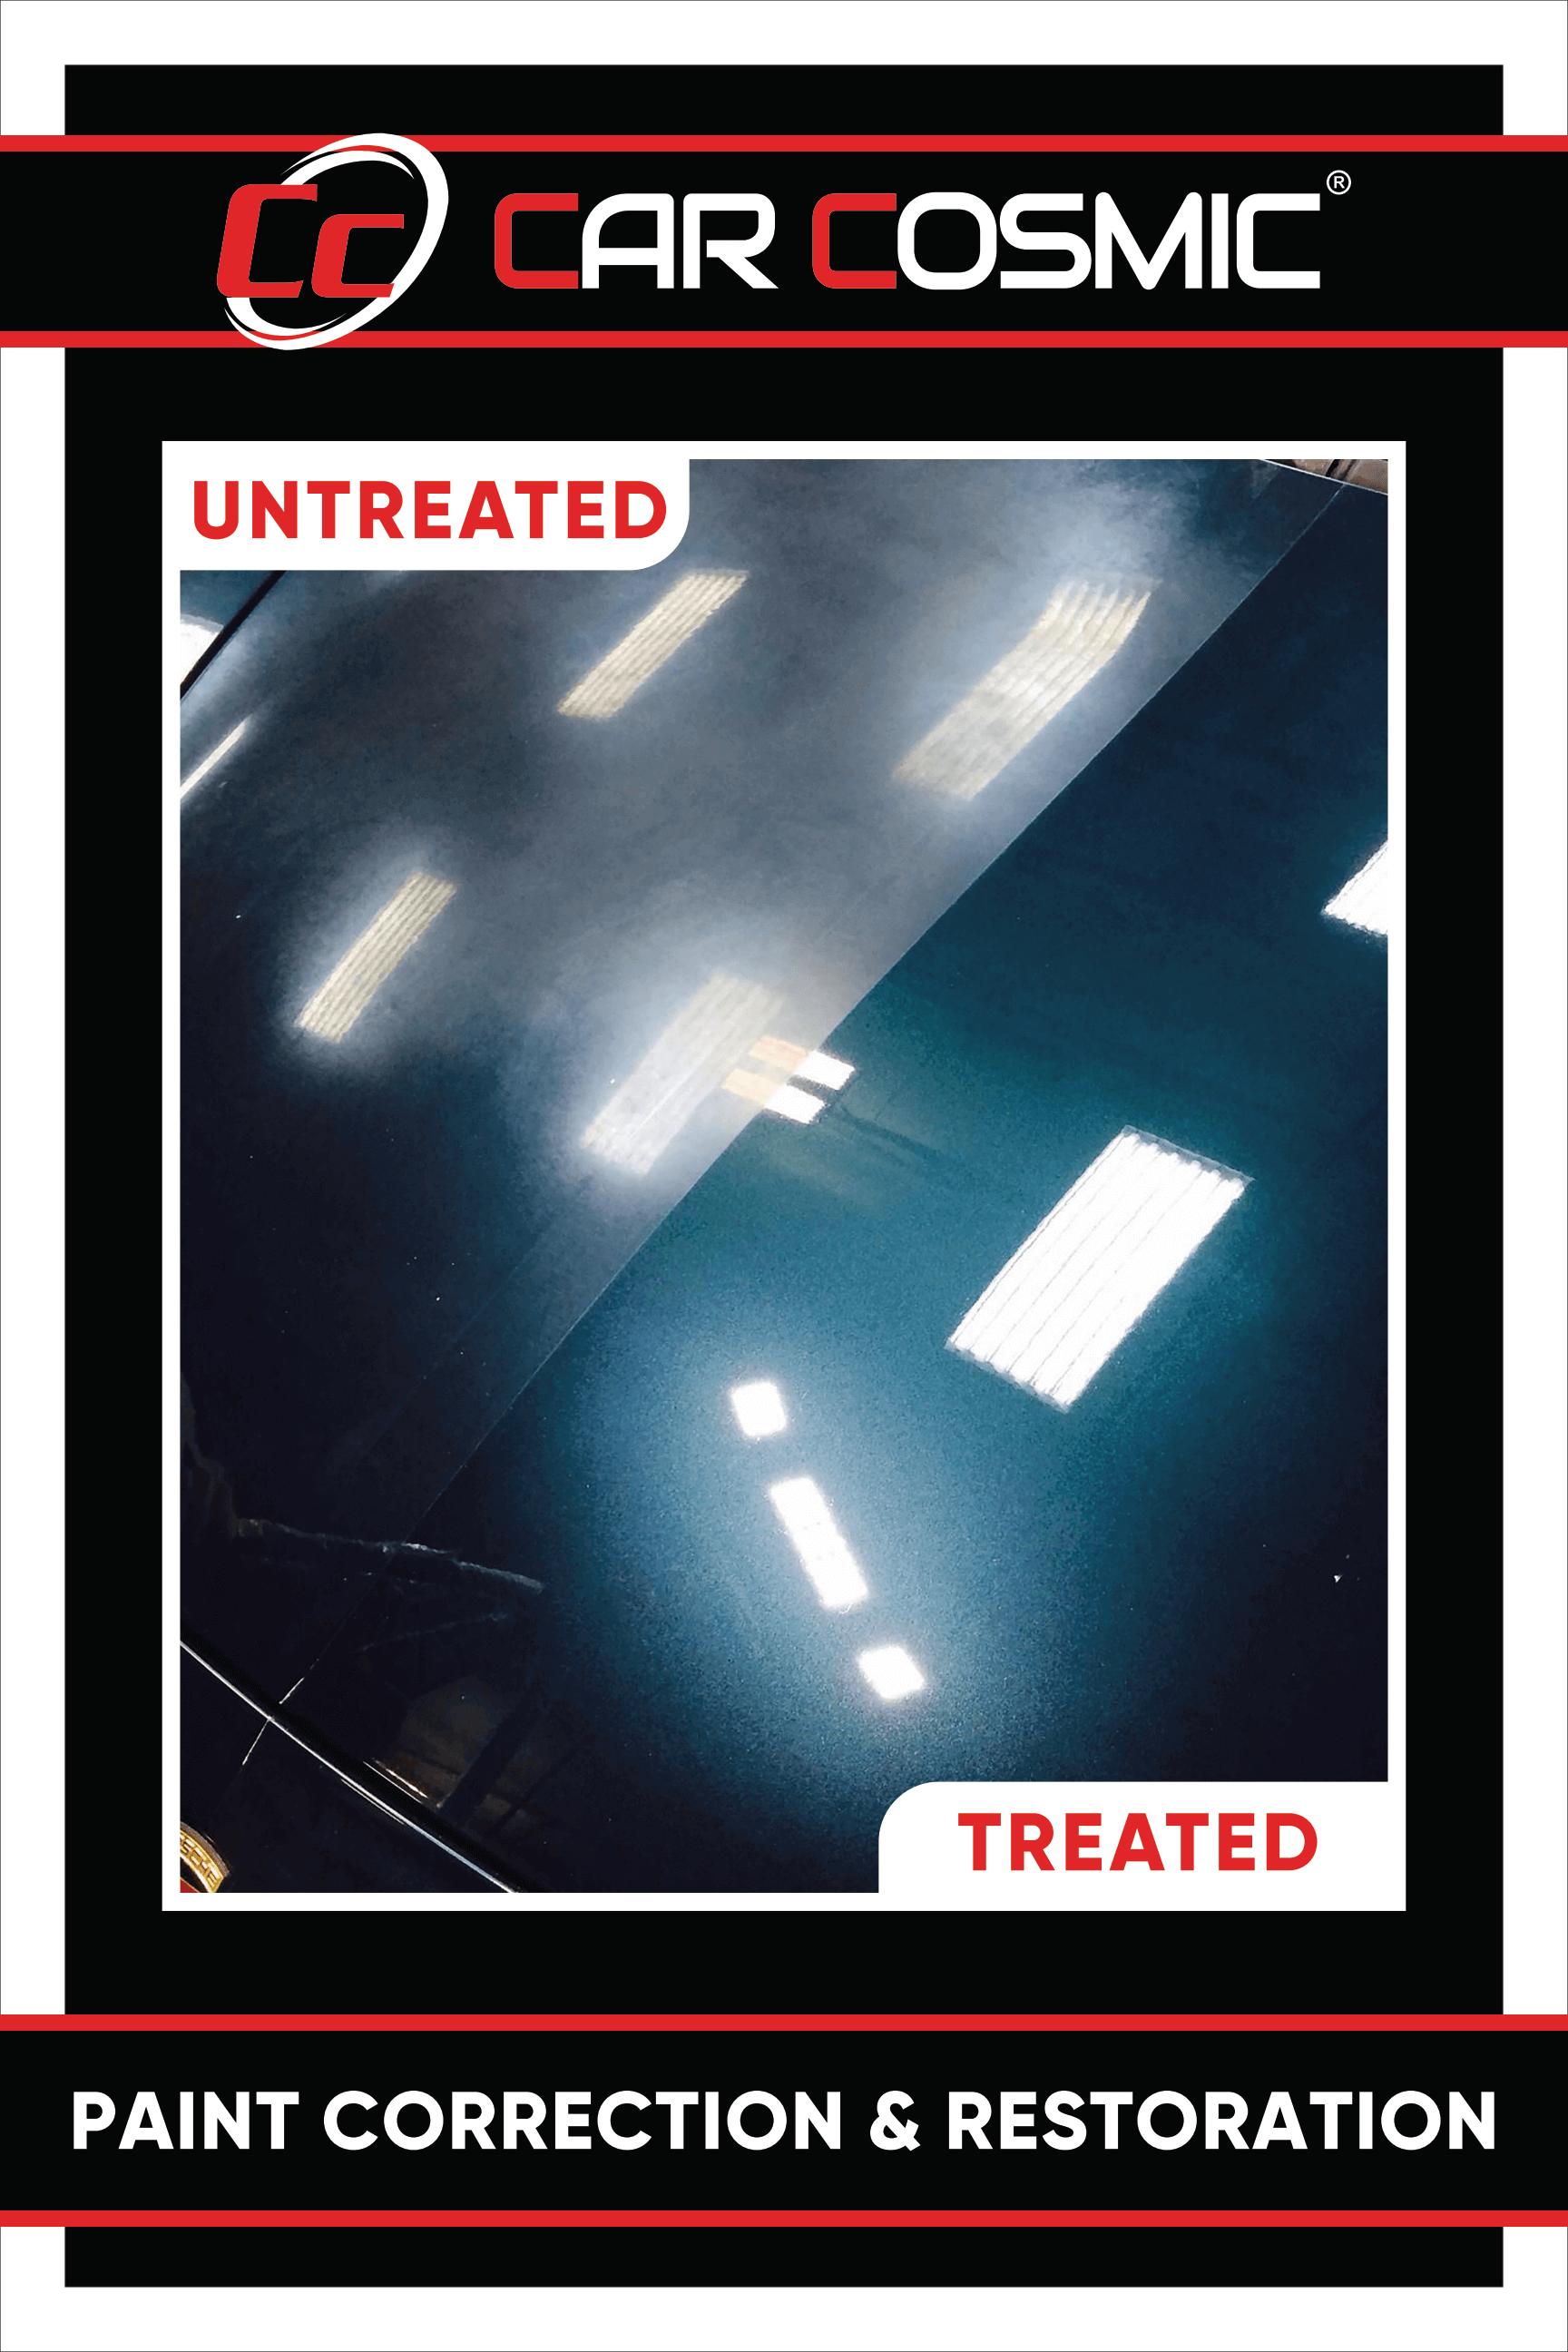 PAINT CORRECTION & RESTORATIONPAINT CORRECTION & RESTORATION